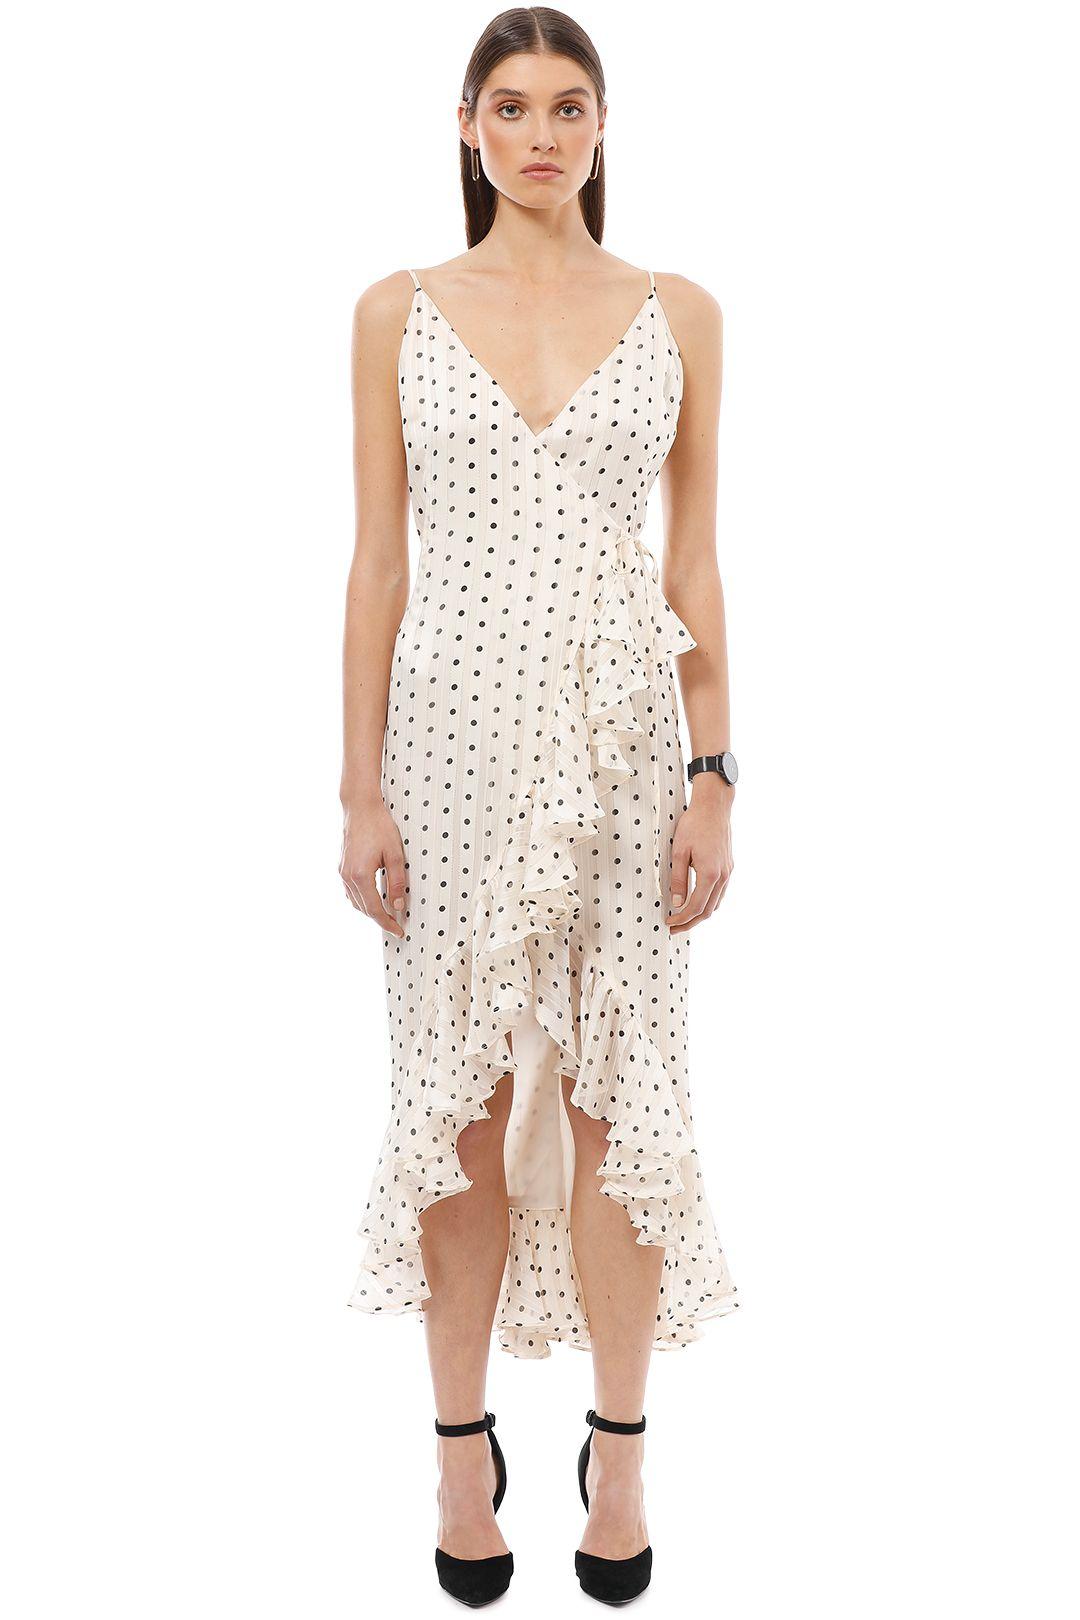 Shona Joy - Karina Cocktail Wrap Dress - White Polka - Front